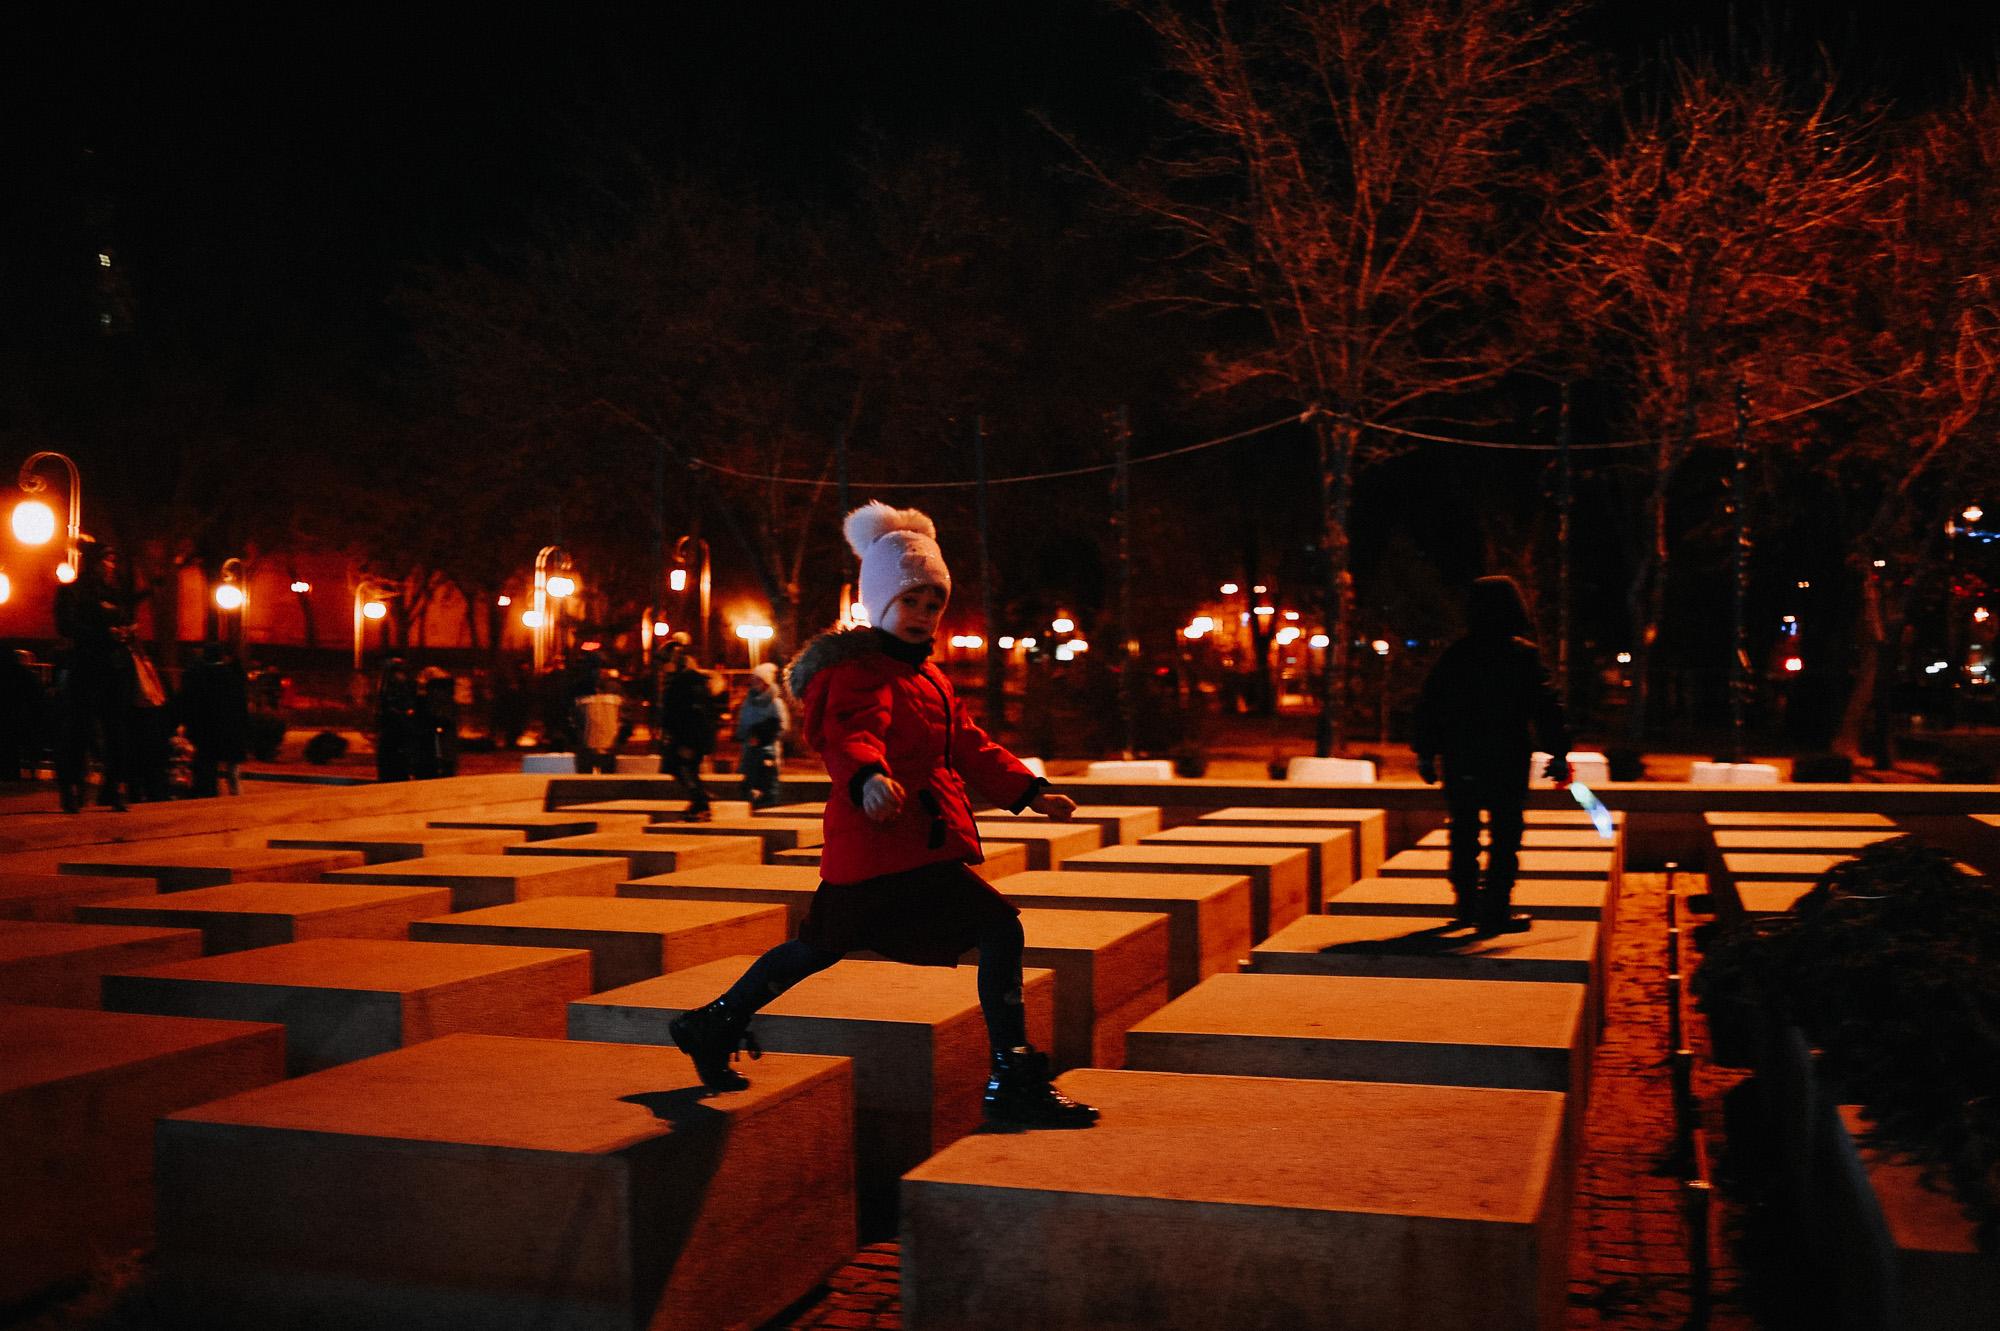 ZZZ 6805 В Астрахани на площади Ленина зажгли новогоднюю елку: кадры торжества